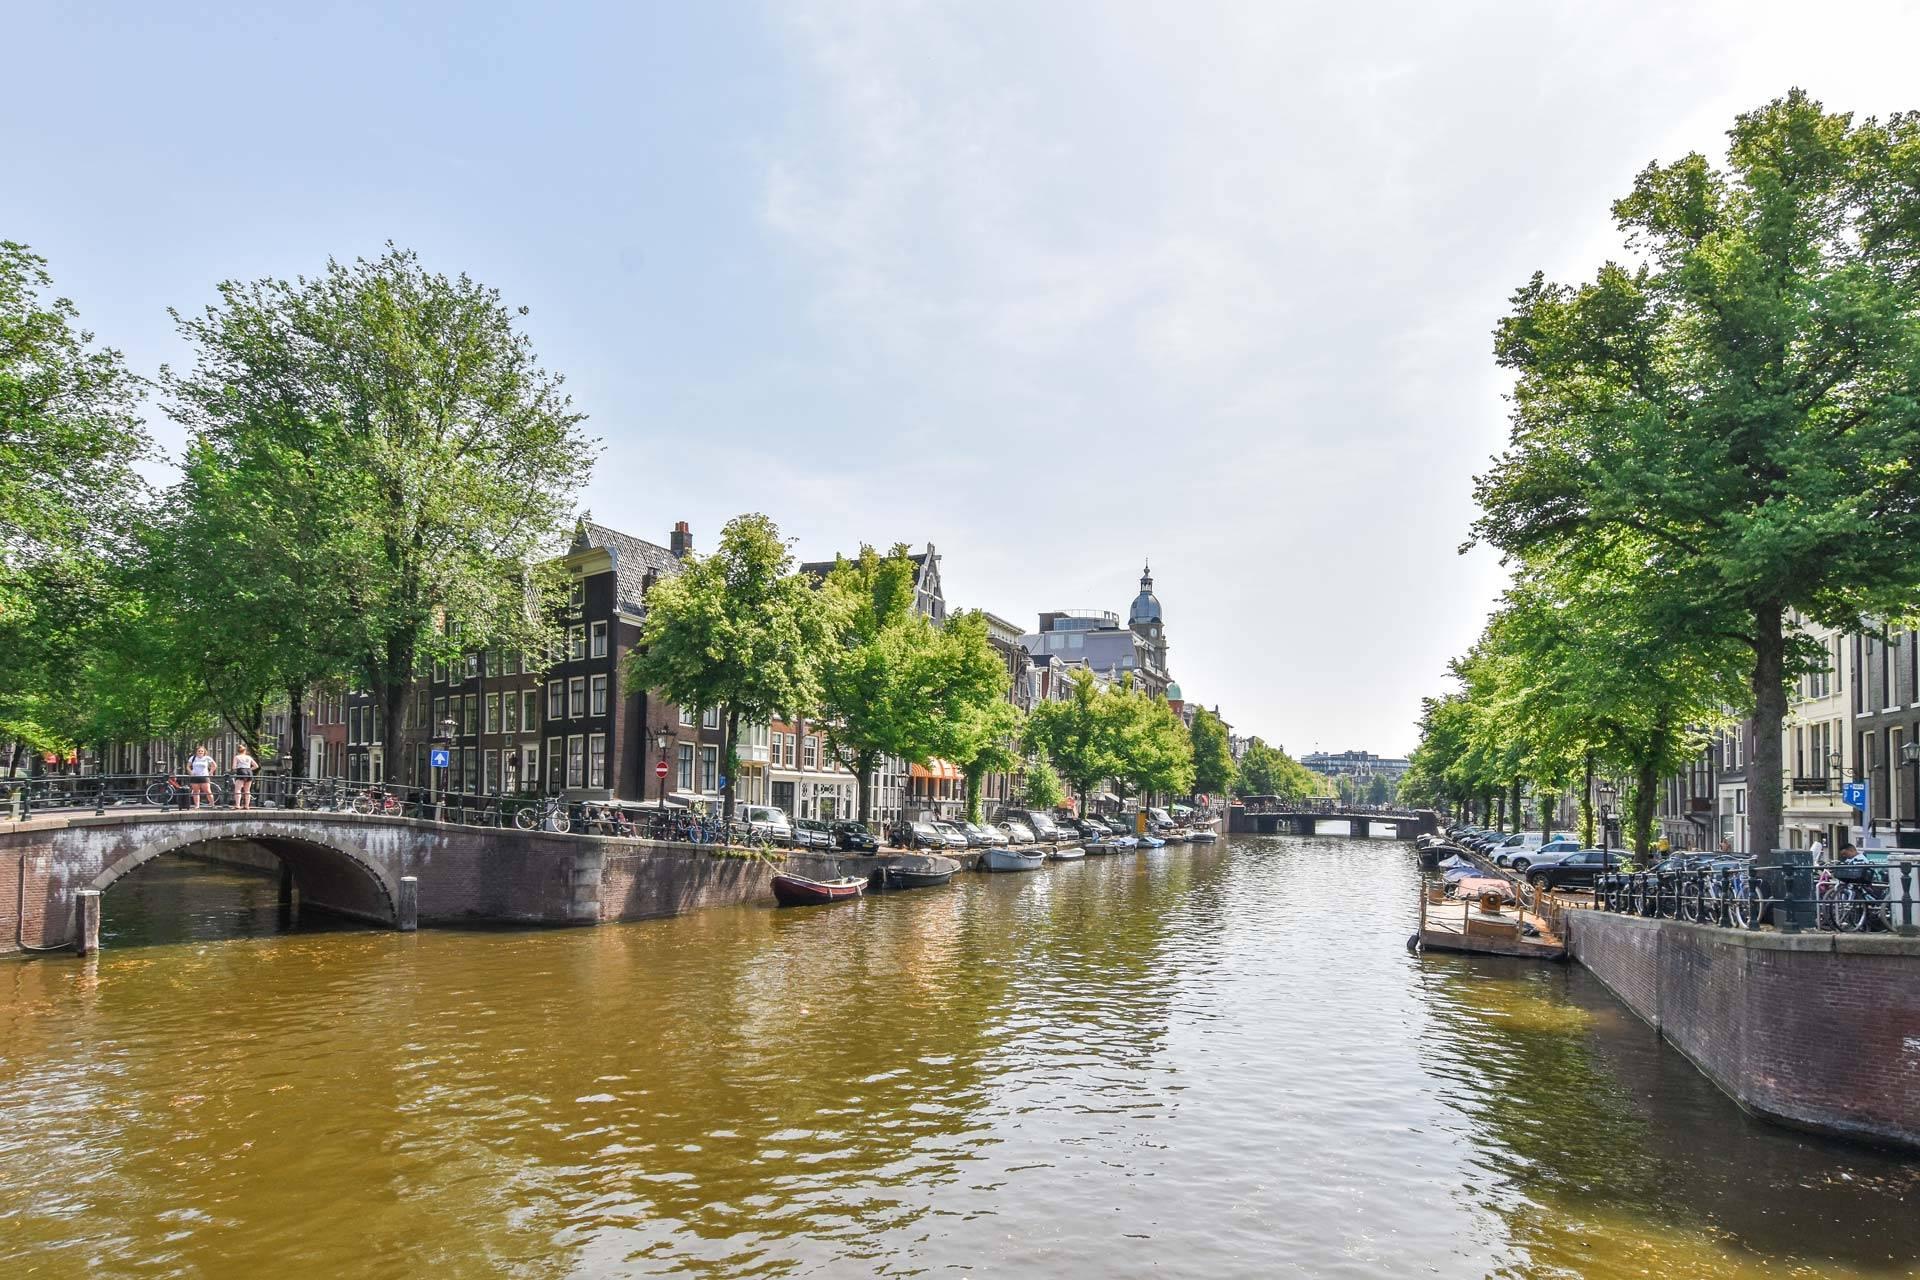 panden aan de gracht in Amsterdam